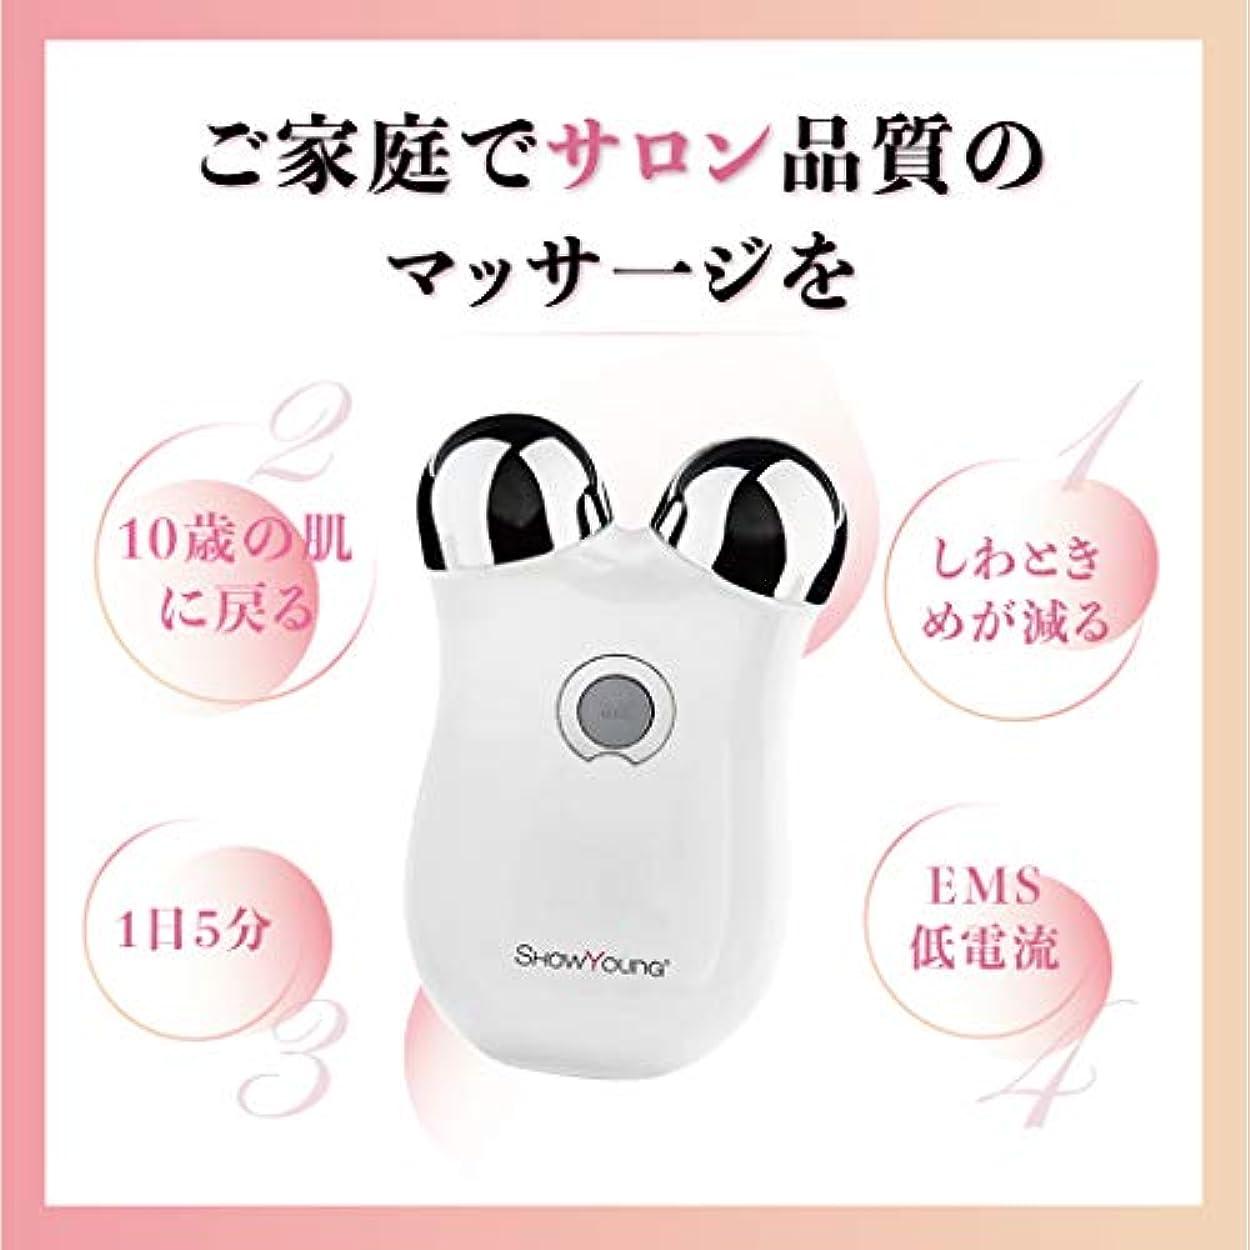 平均レディ極めてShowyoung 微小電流ミニ顔マッサージ器、顔の調色装置、しわと細紋の減少、皮膚、リンパのマッサージ、調整の質、2年の品質の保証に用いる。